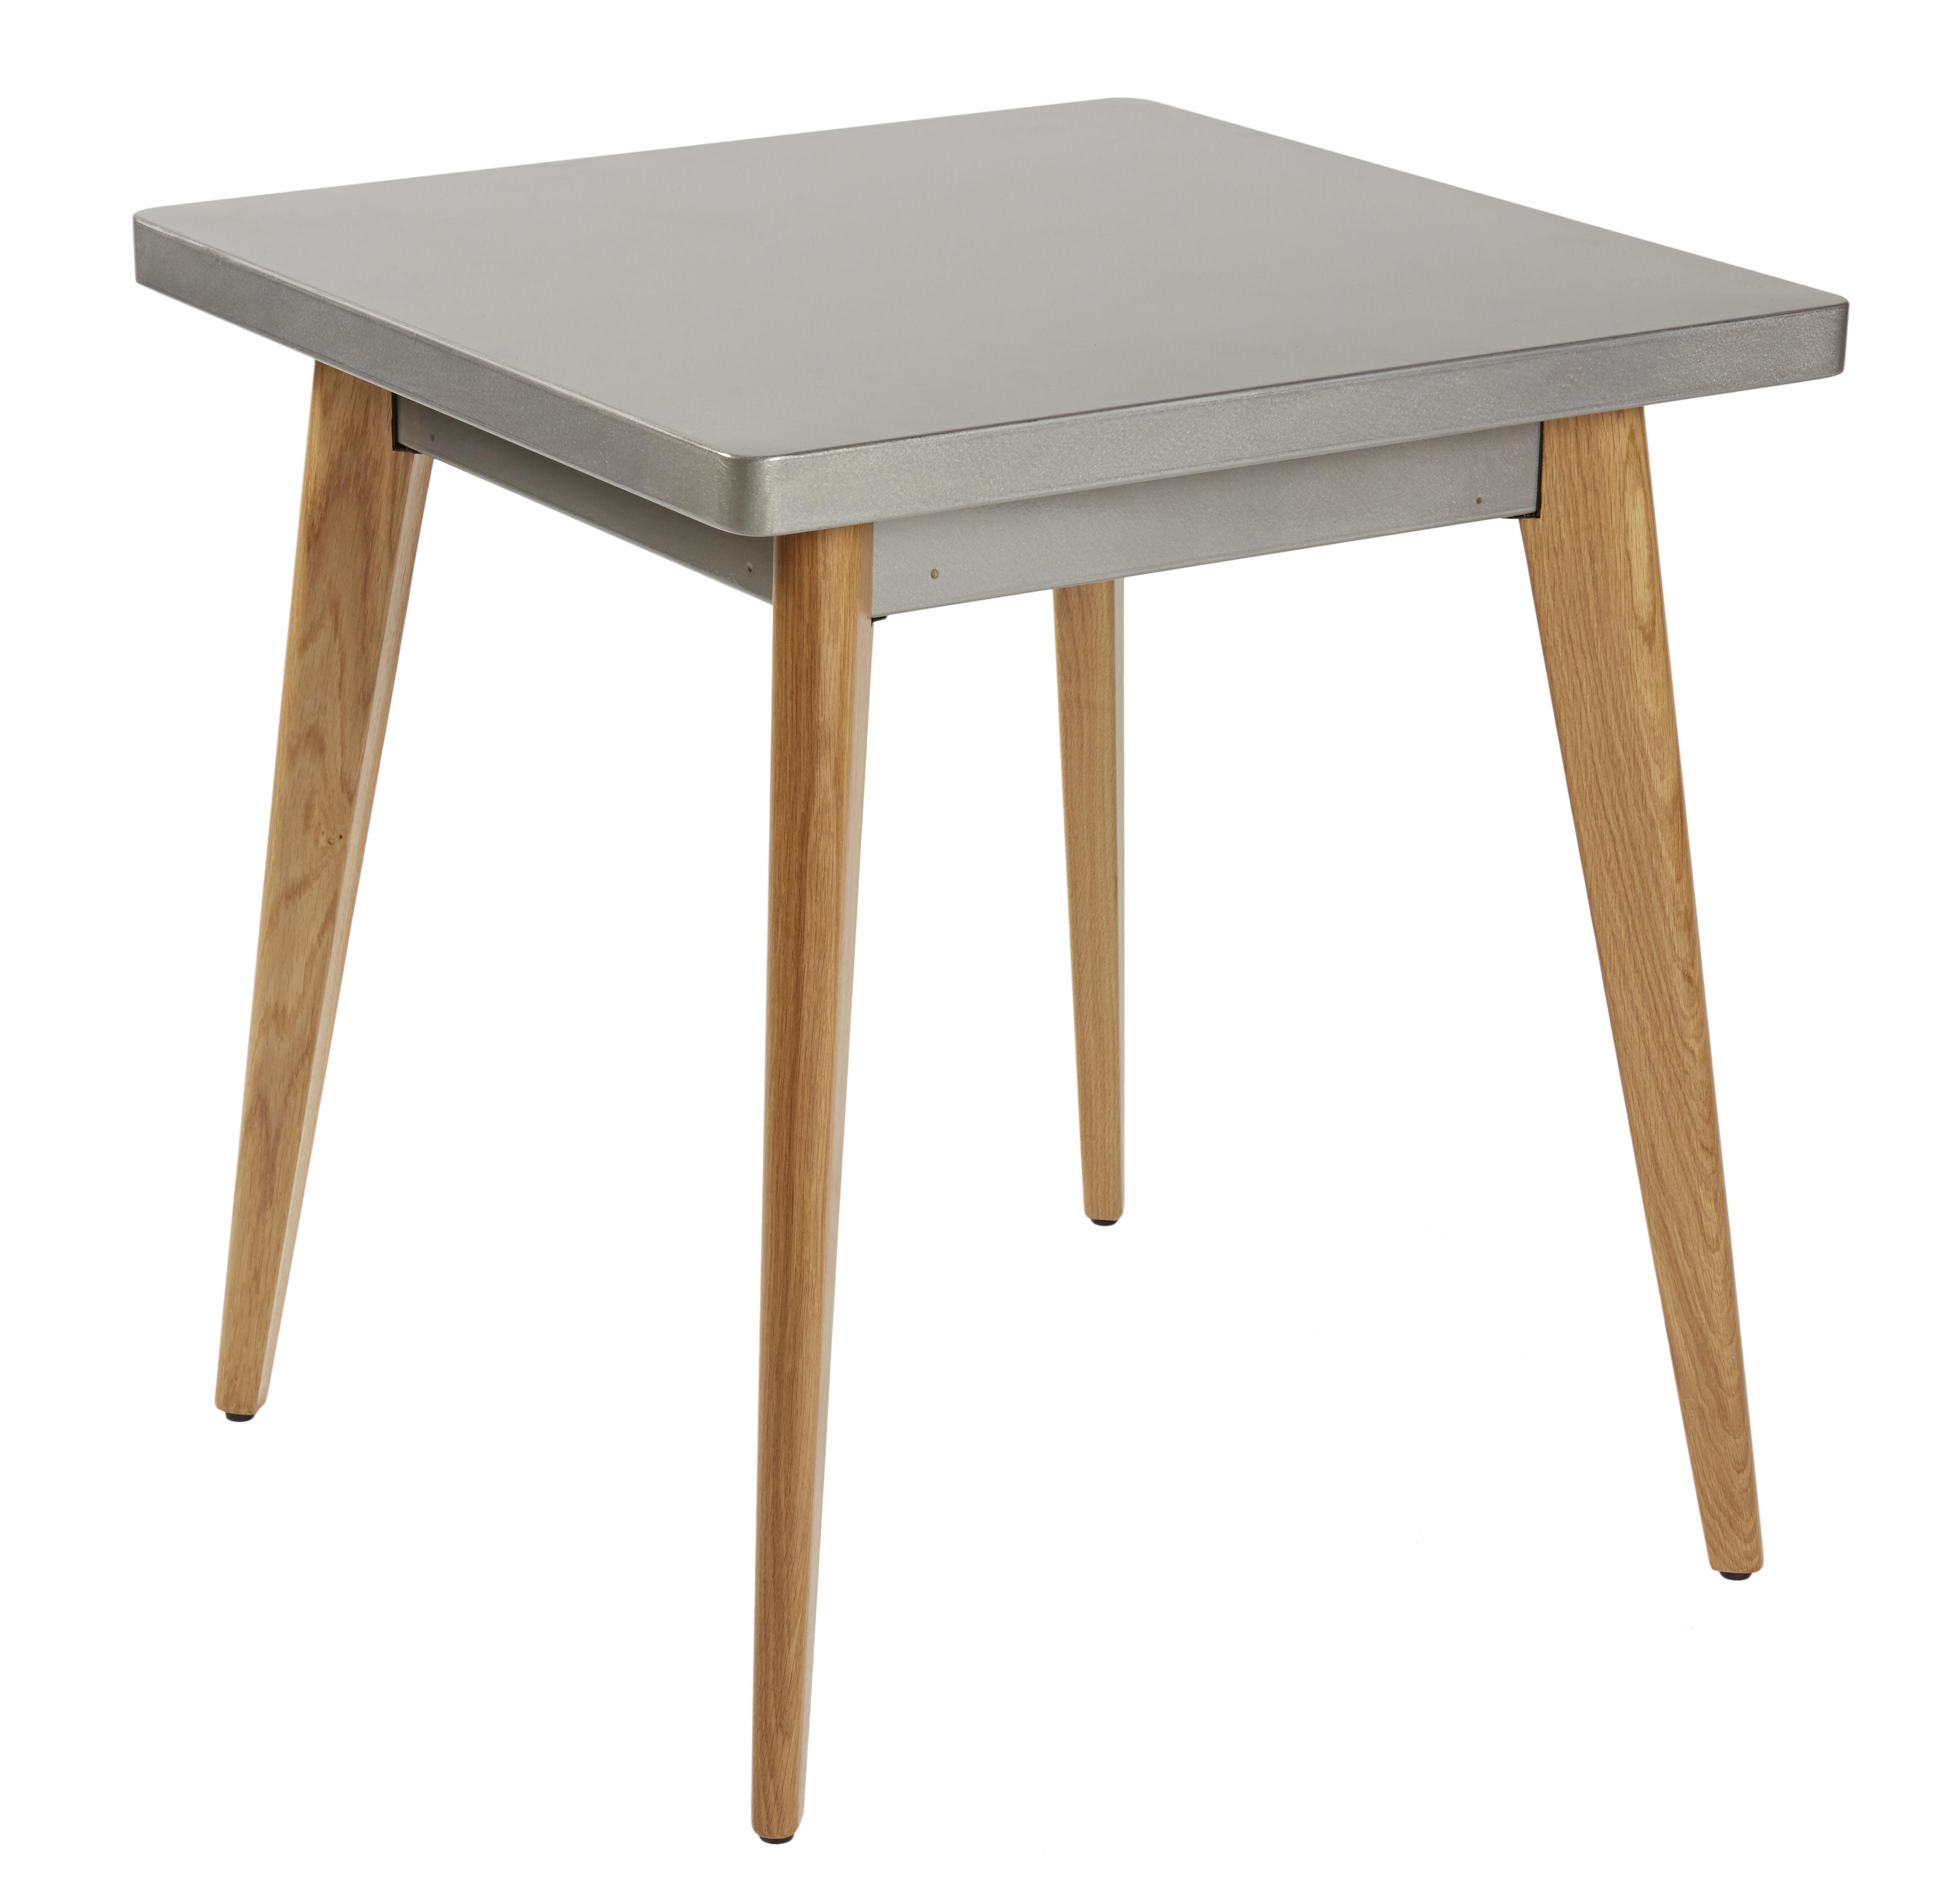 55 tisch 70 x 70 cm metall f e aus holz samtgrau. Black Bedroom Furniture Sets. Home Design Ideas